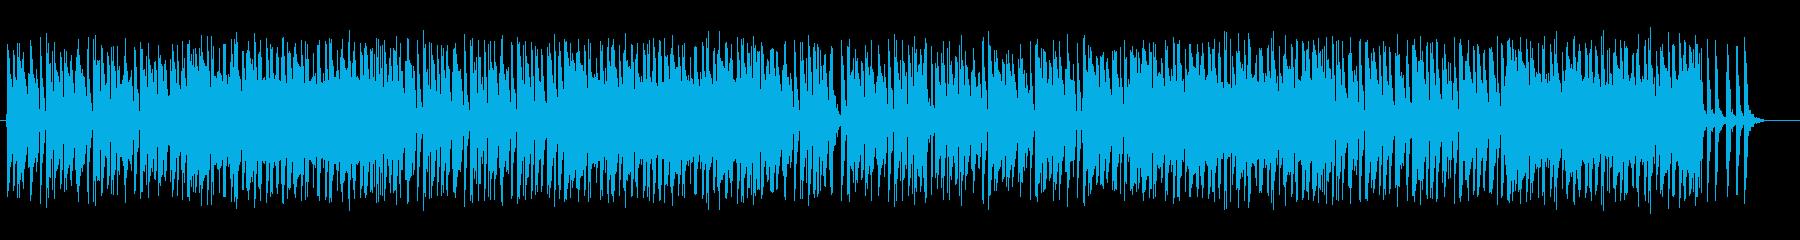 ユニークなジャズ風ポップスの再生済みの波形